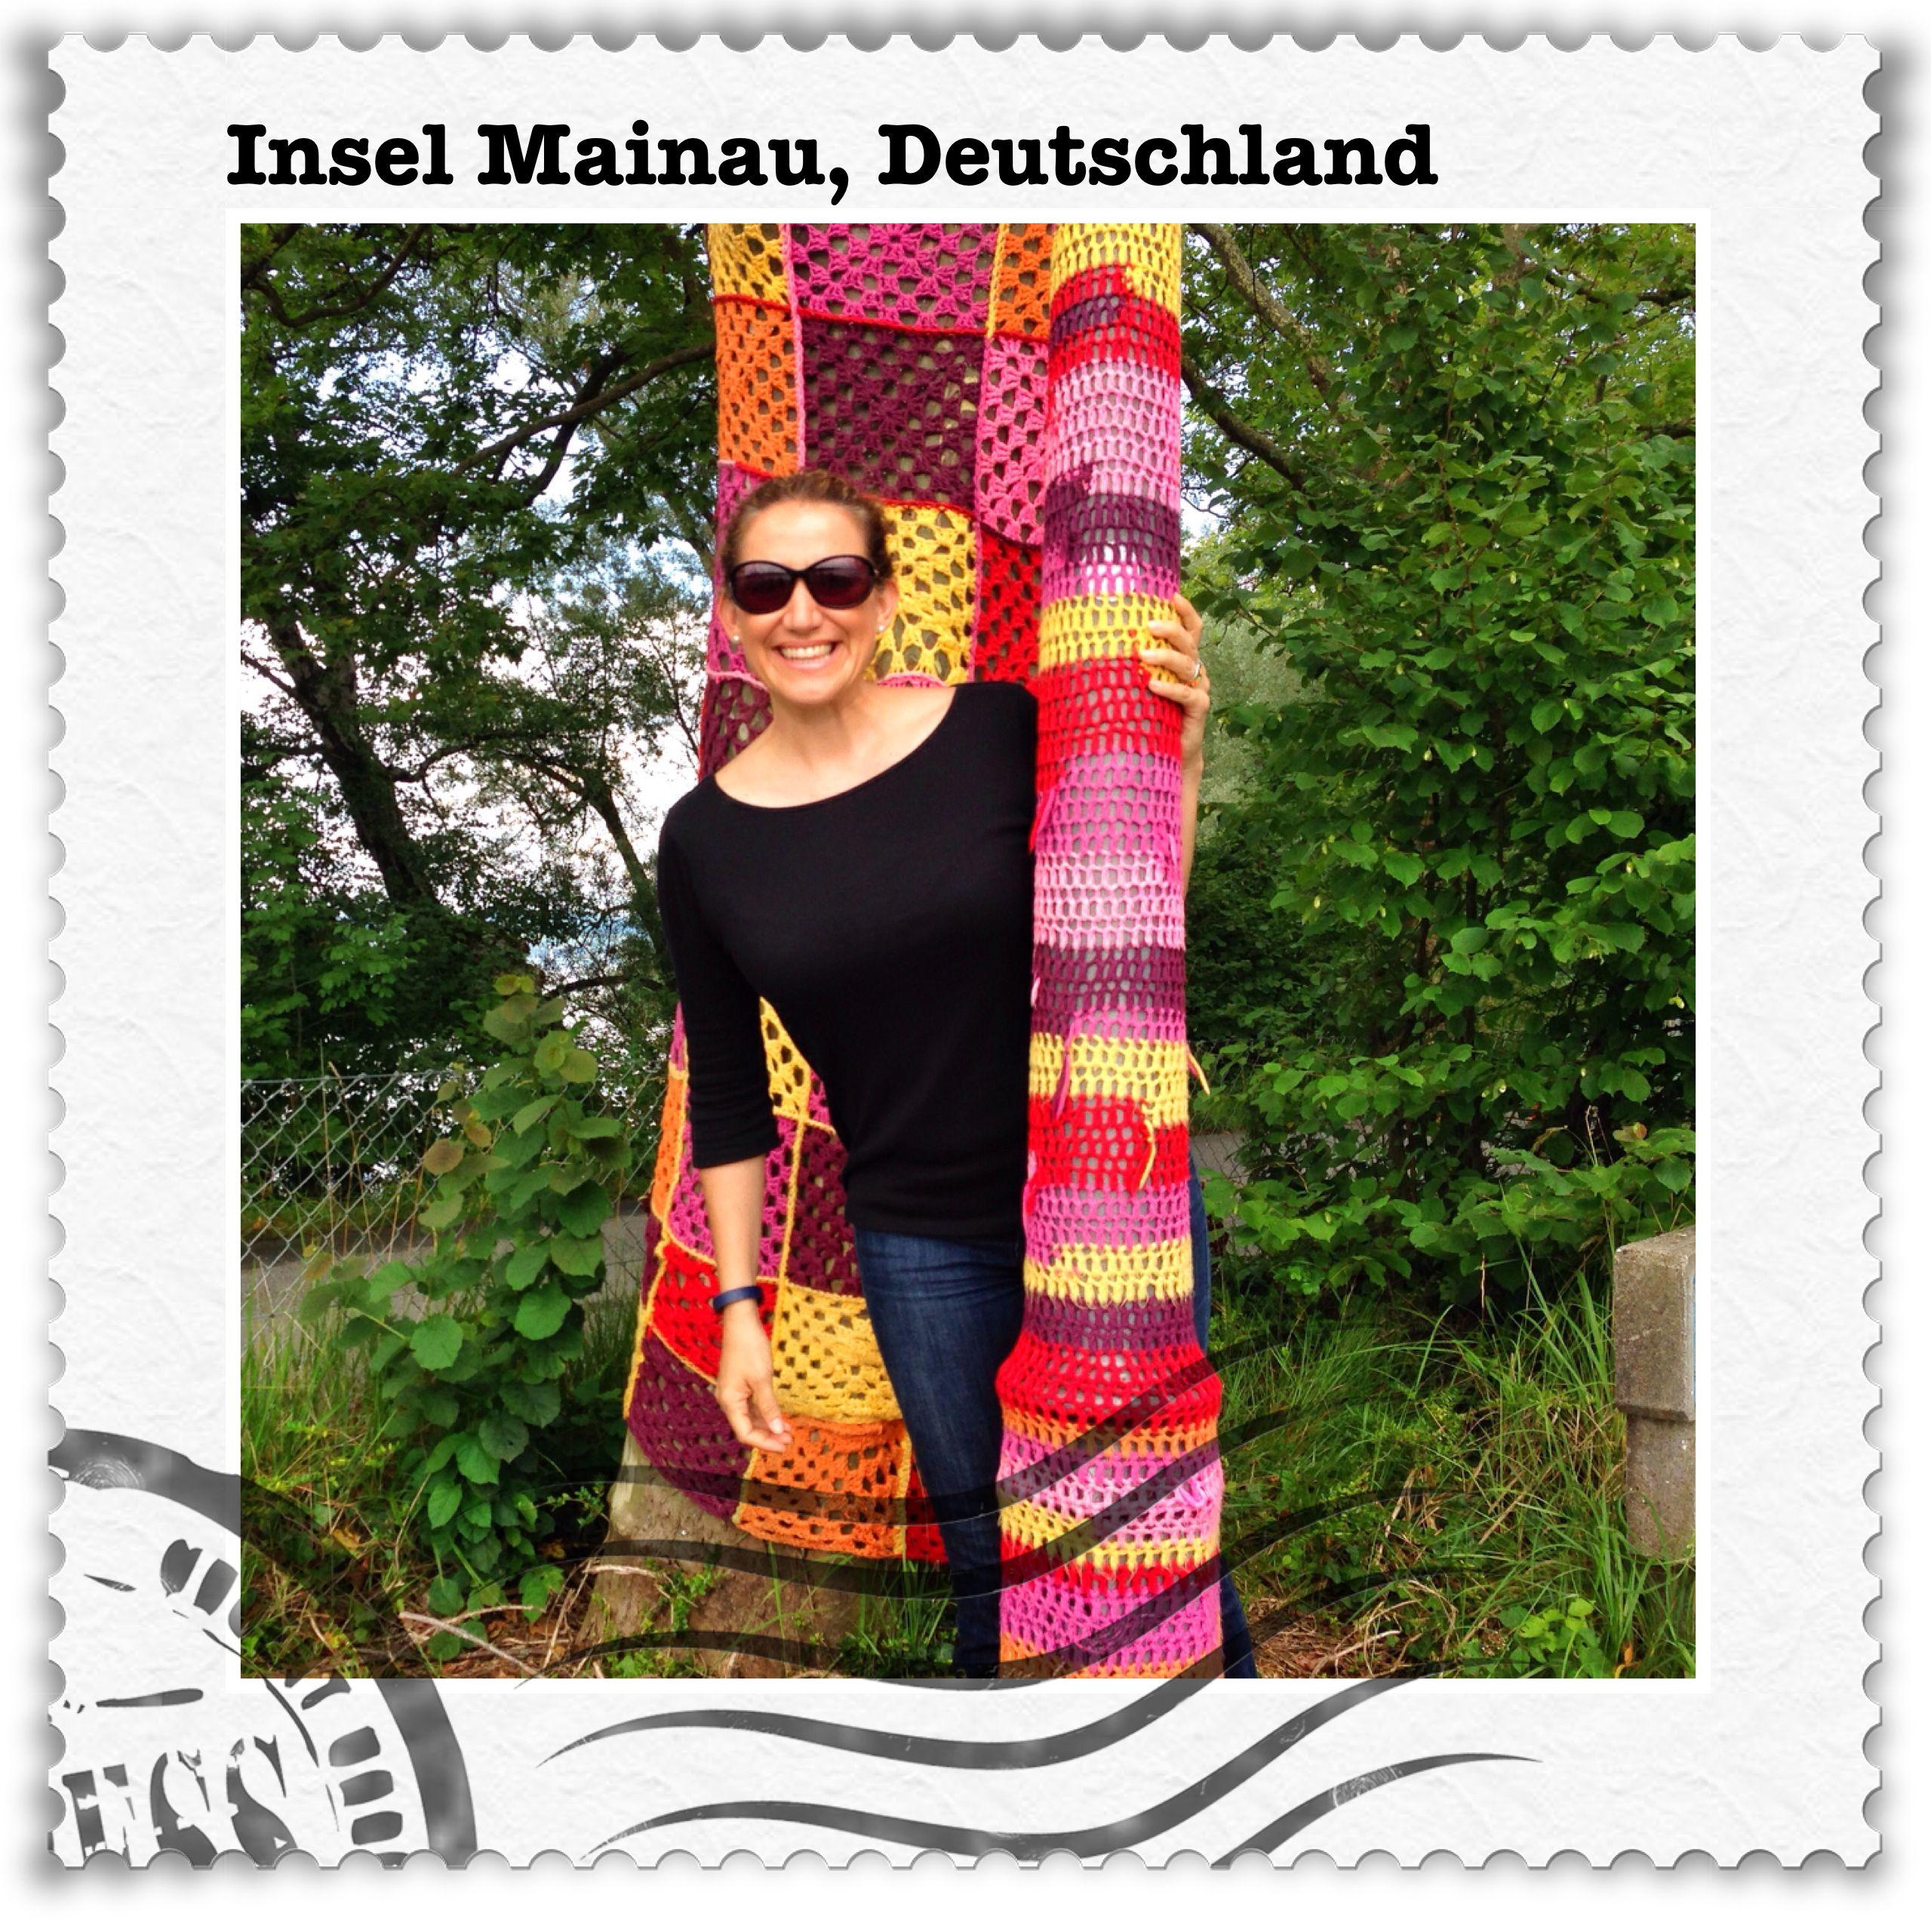 Insel Mainau, Deutschland